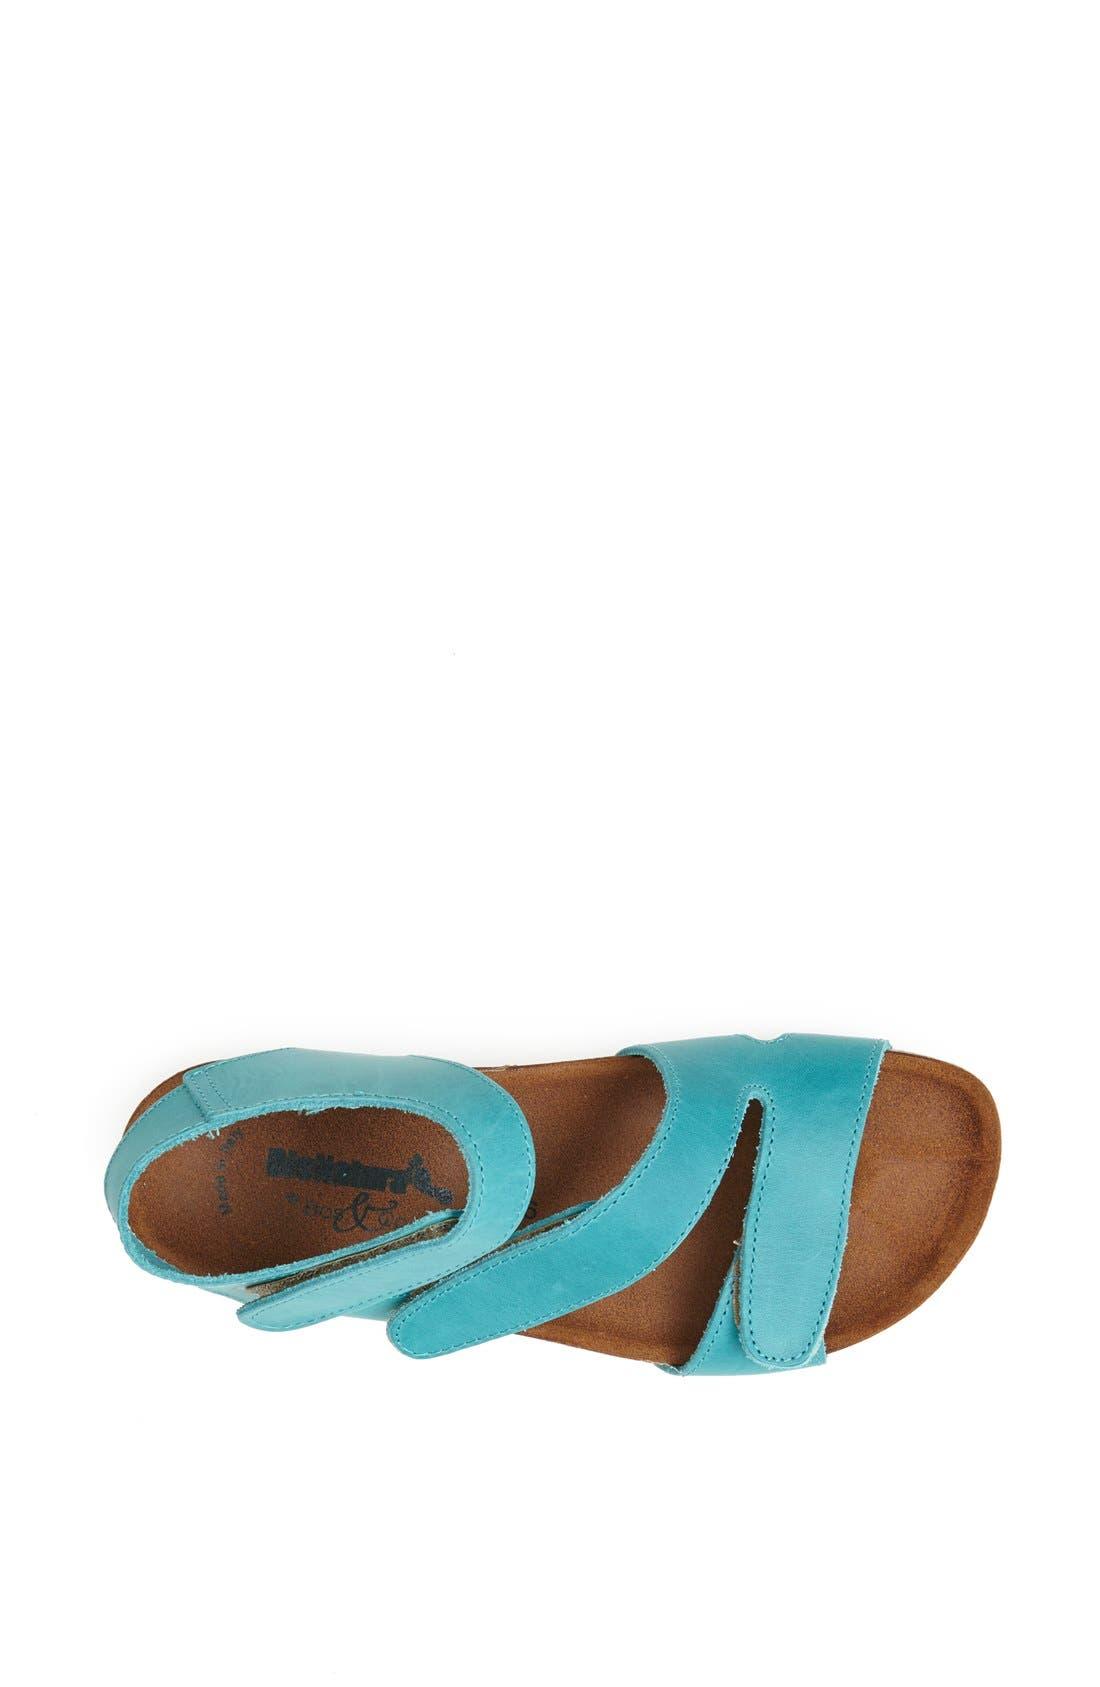 Alternate Image 3  - BioNatura 'Milinna' Leather Sandal